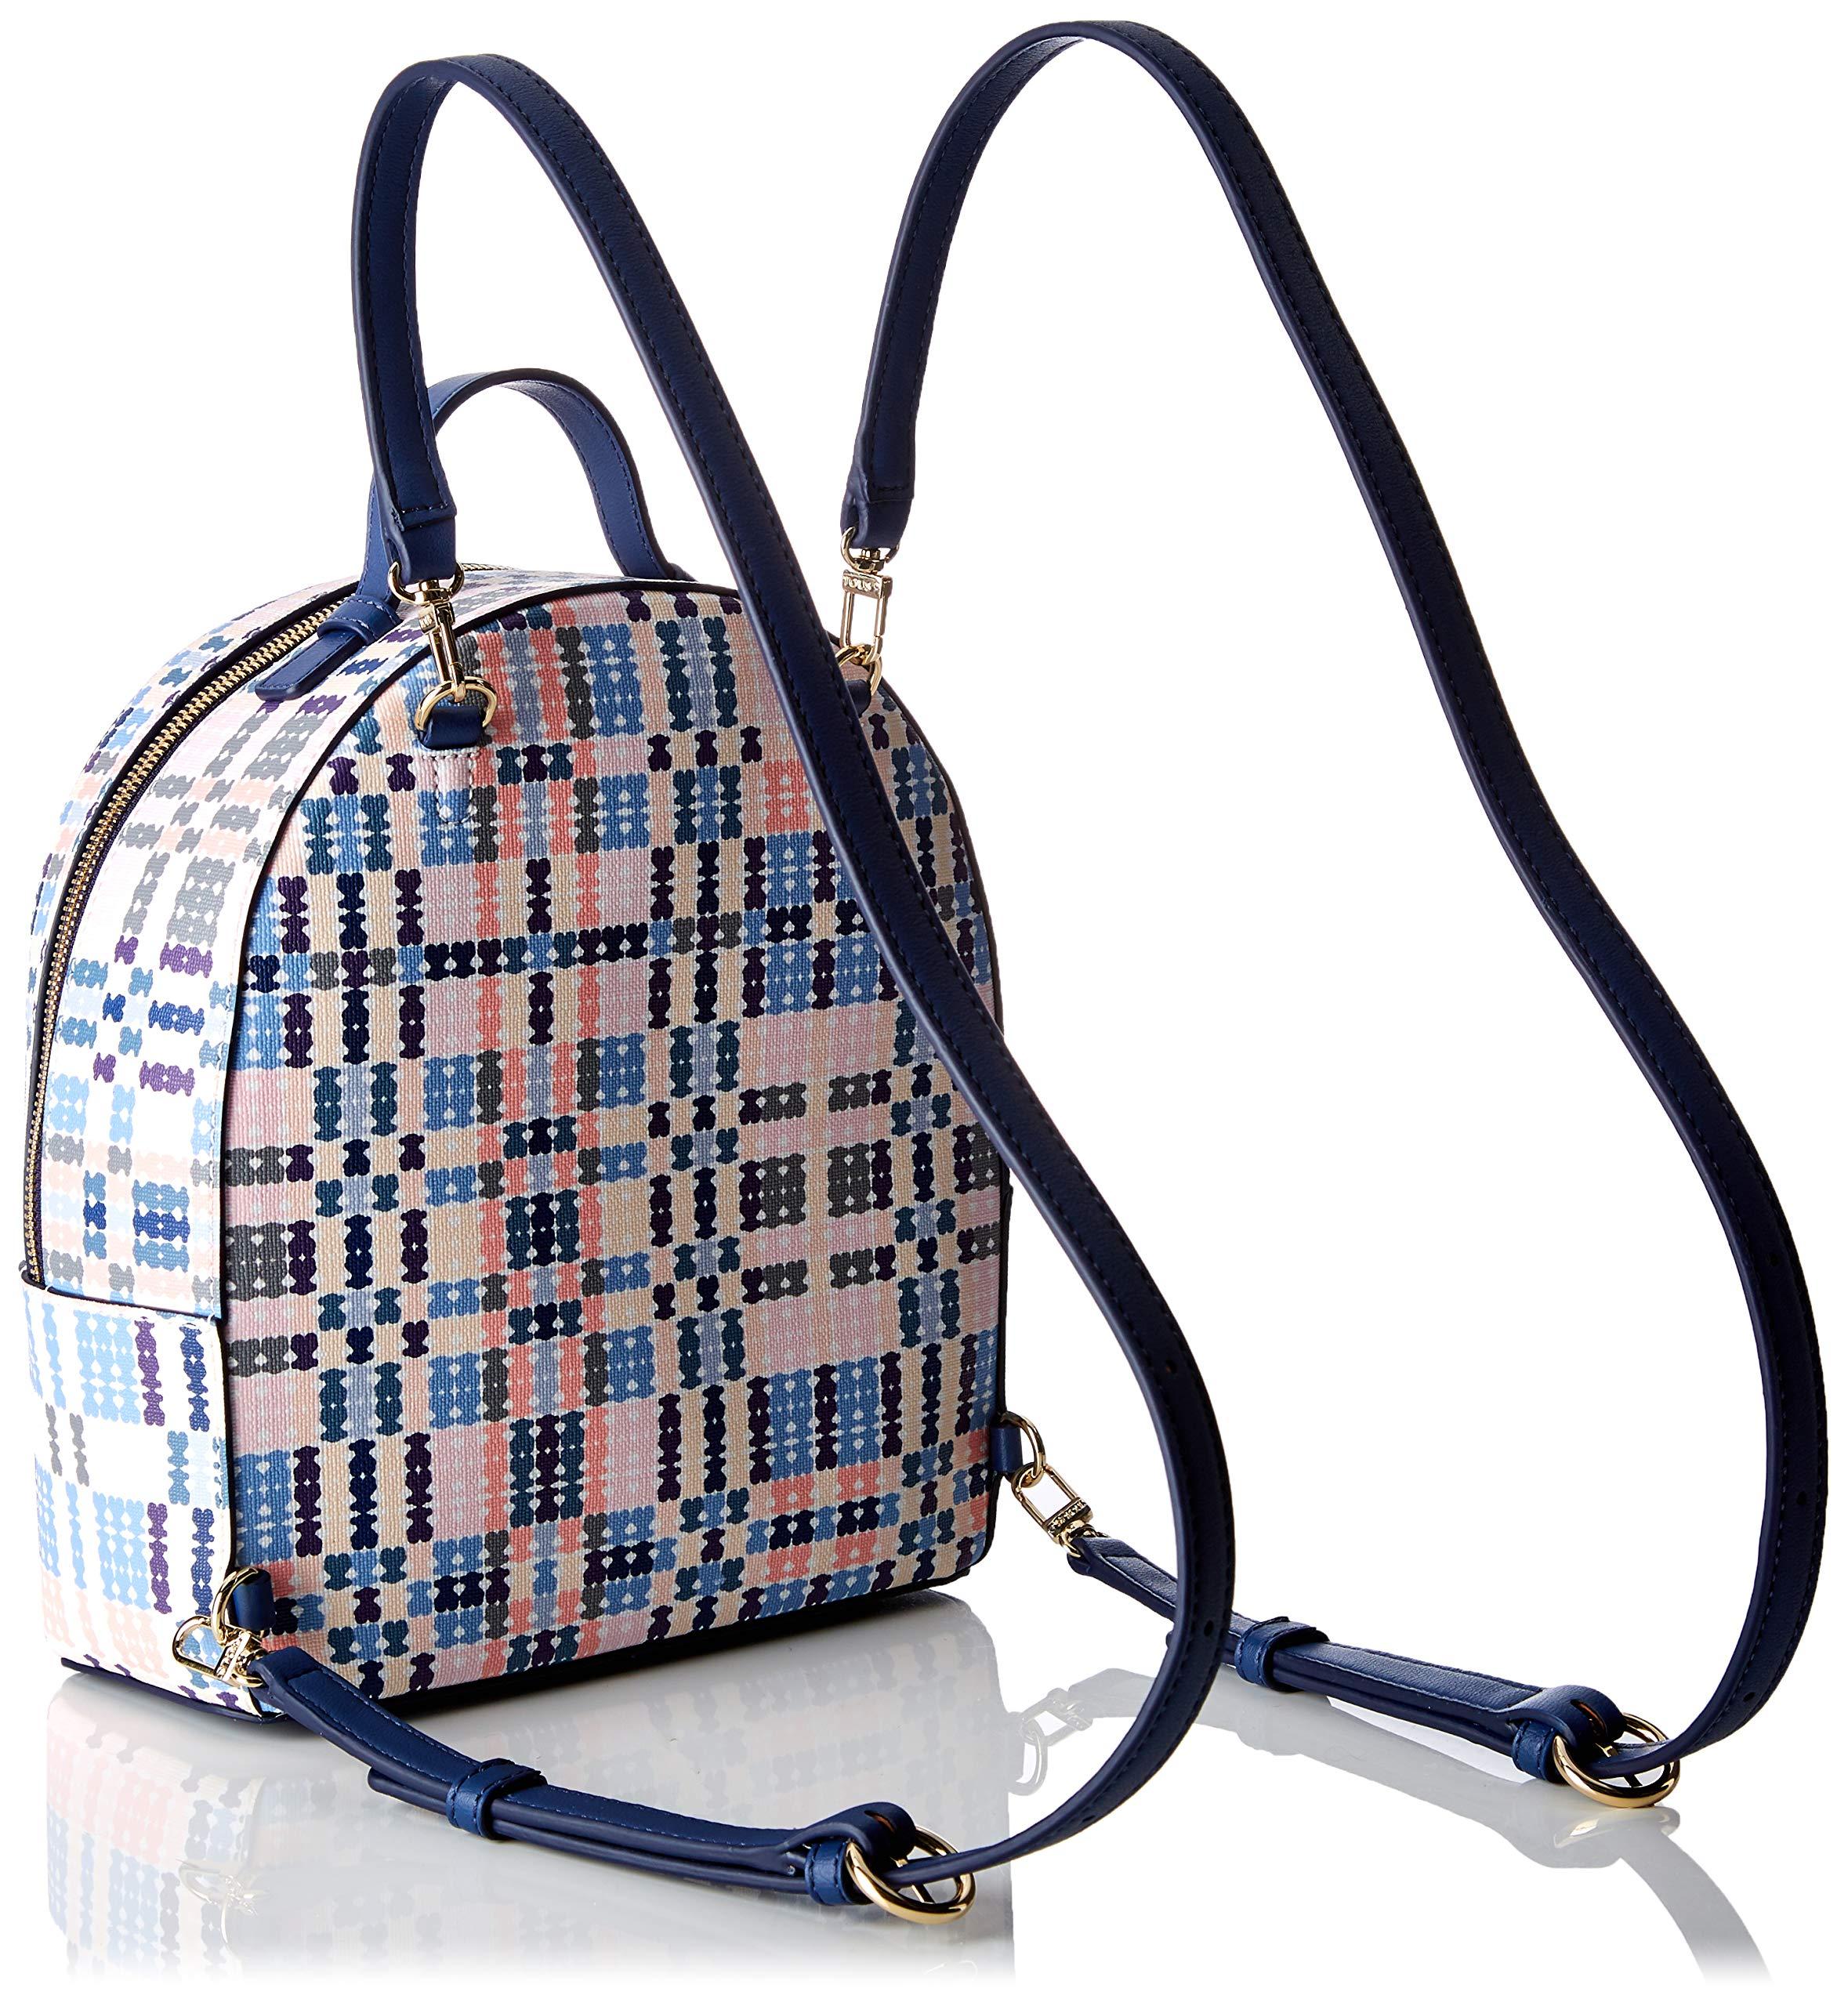 91 QYIM6k9L - Tous 995800183, Bolso mochila para Mujer, Azul (Azul), 21x25x9 cm (W x H x L)